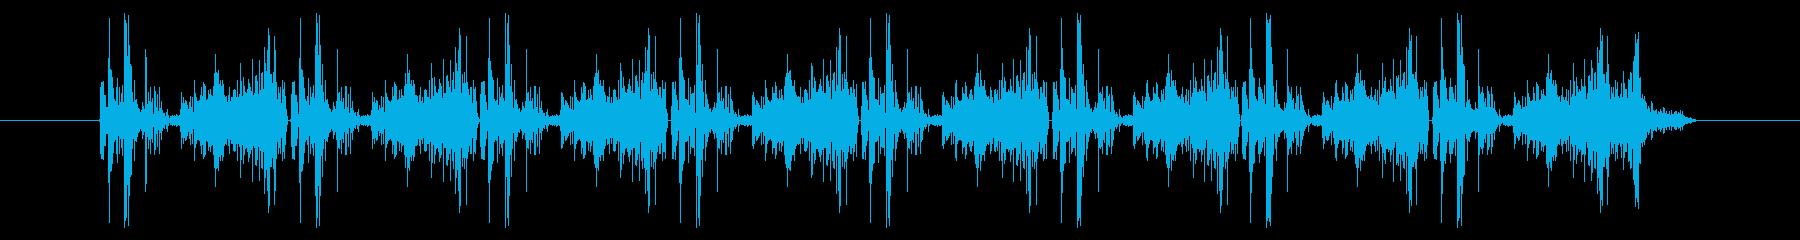 カメラ 携帯電話01-3の再生済みの波形